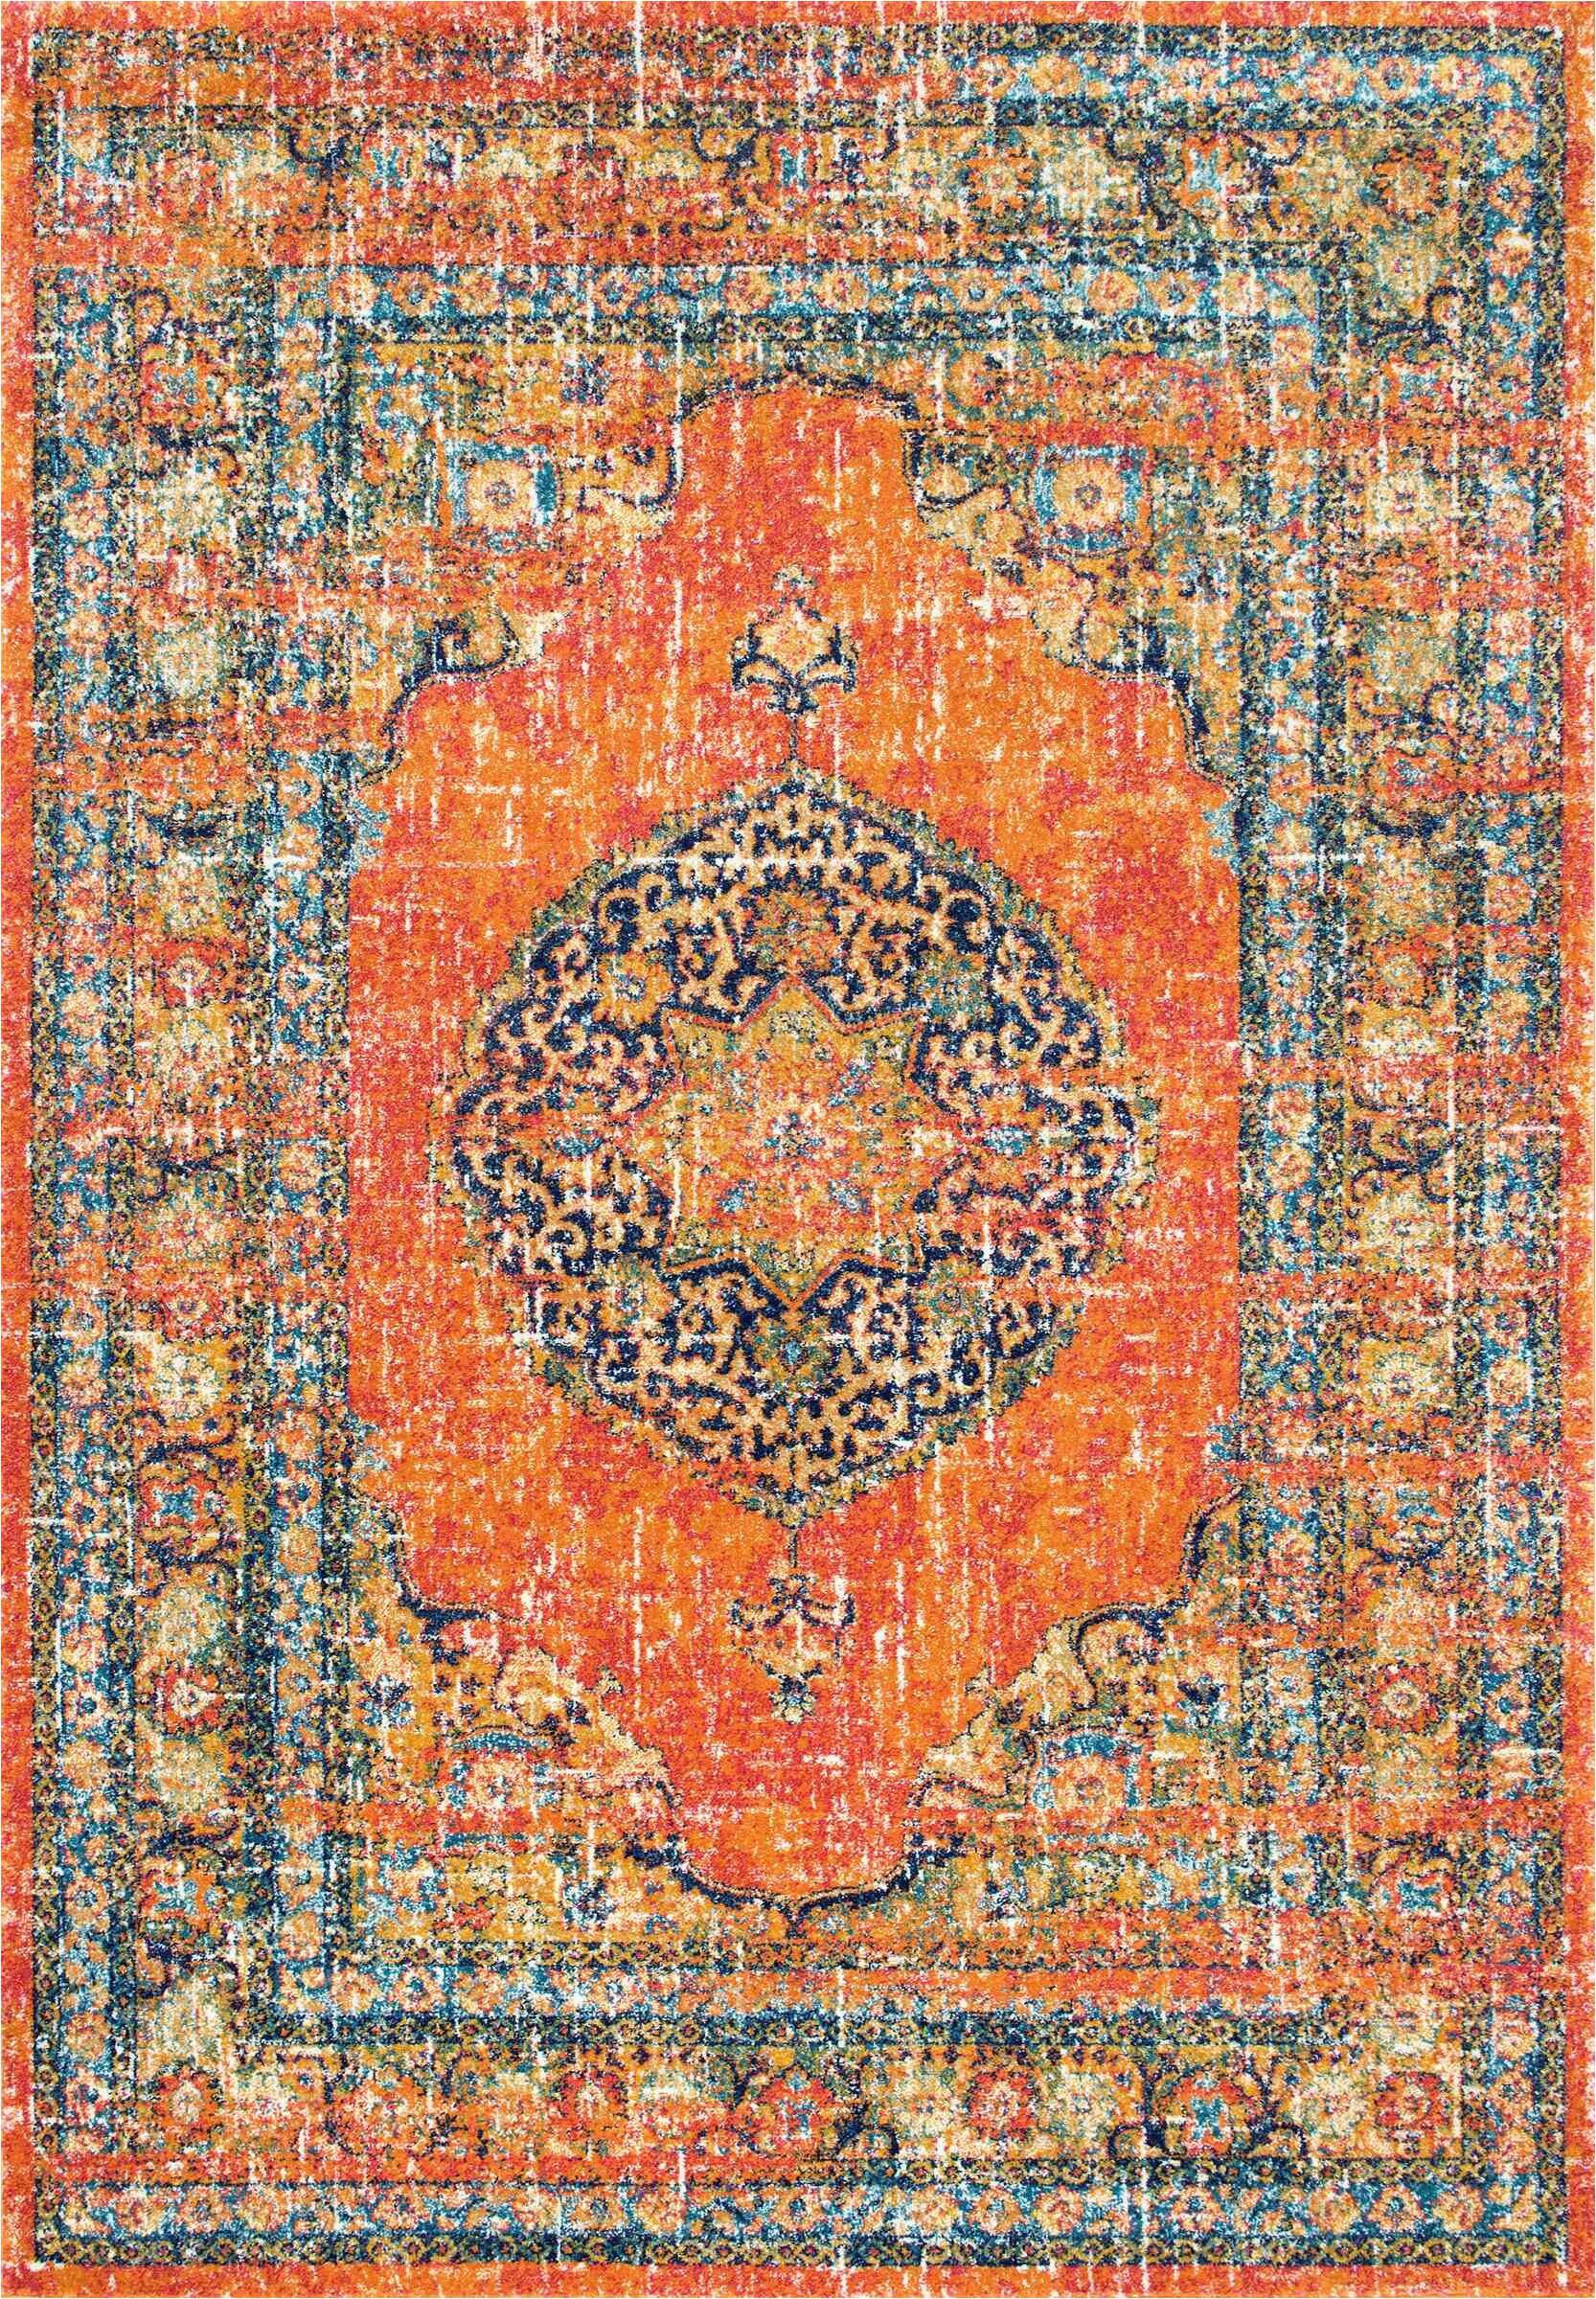 pamela orangeyellowbluewhite area rug